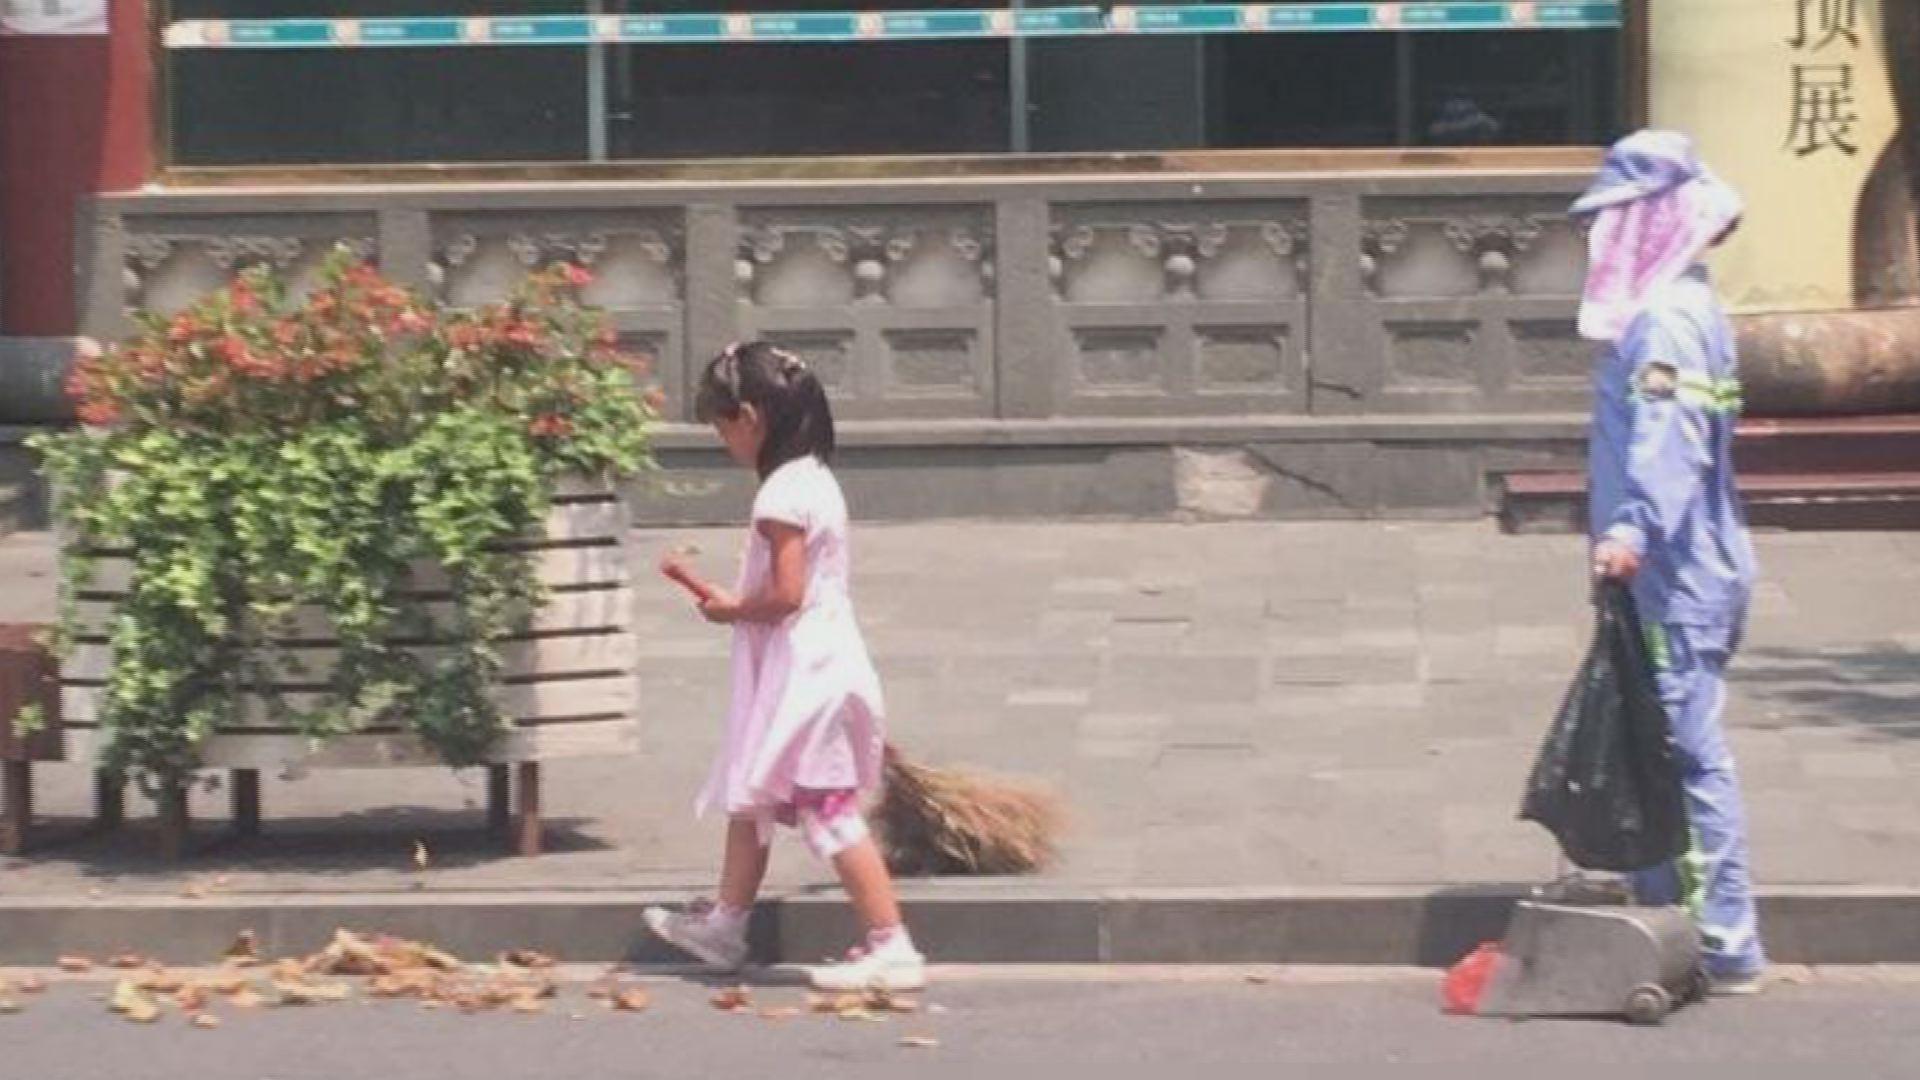 据上海公安局黄浦分局@刑警小舟 地面温度40度,在豫园巡逻时发现:一名五六岁的小姑娘,在帮她环卫工人的母亲扫地,扫得很认真。下车给母女两送去两瓶水,叫她们注意休息。其实每人只要随手少扔一些垃圾,环卫工人就不会那么辛苦。  刑警下车给母女两人送水。  现场图片。  现场图片。  现场图片。 >>扩展阅读: 男子照顾病重父母十五年 四十岁未娶感动邻里 为生病女儿过节偷鸡腿:最让人感动小偷(图) 感动!